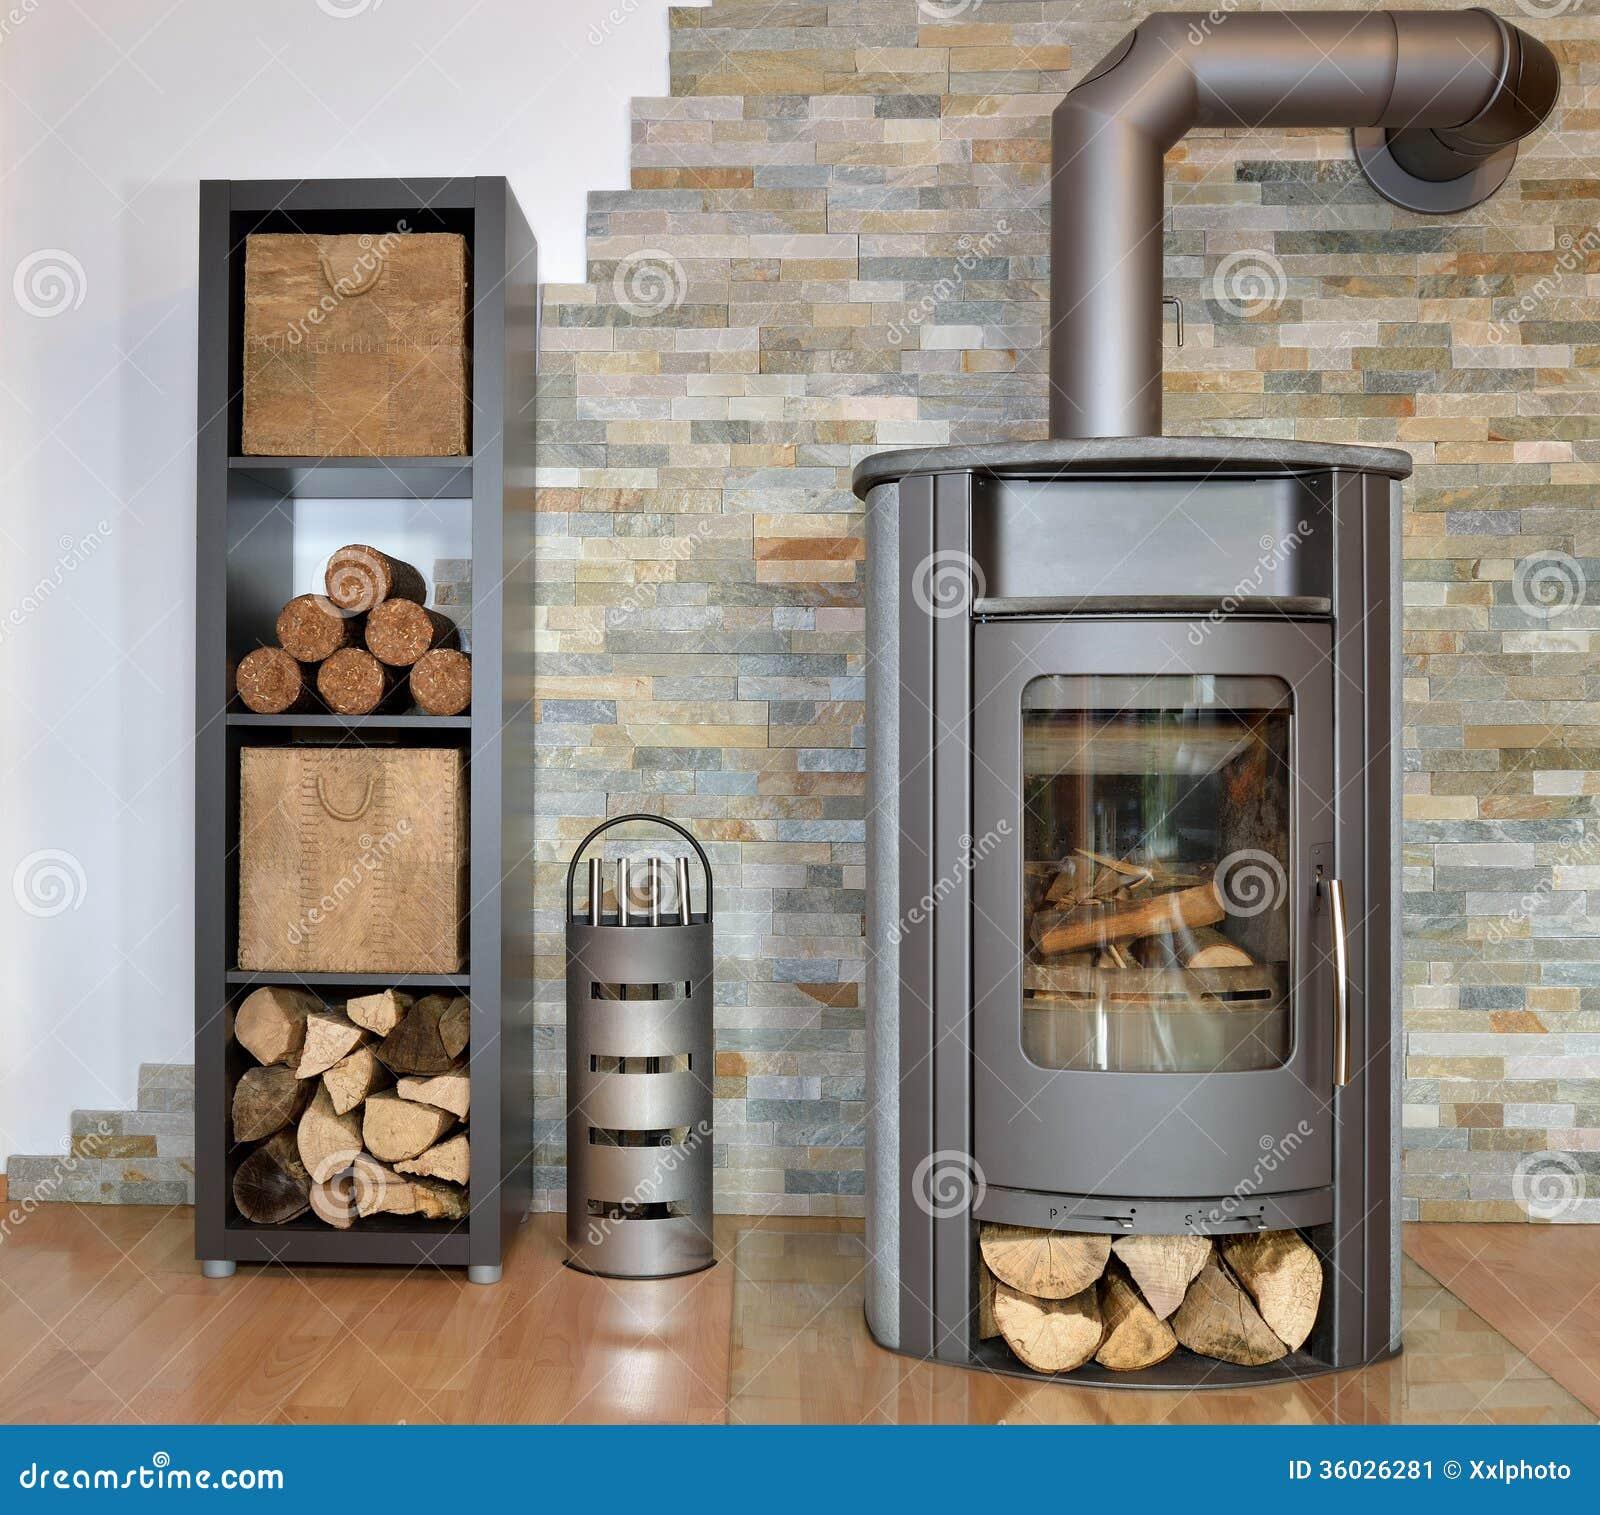 Holz abgefeuerter Ofen